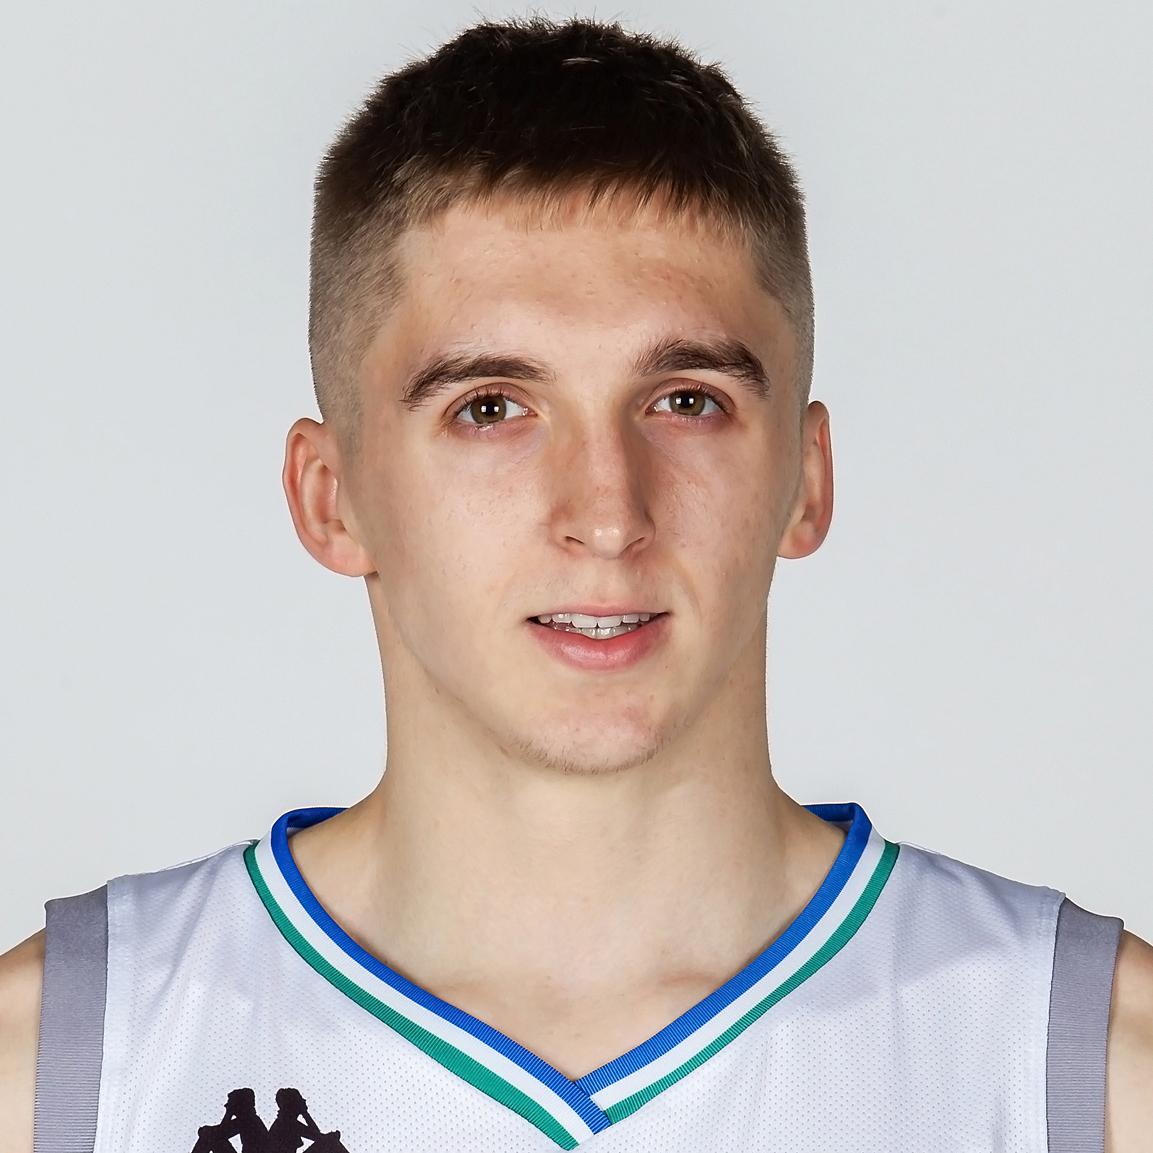 Wojciech Tomaszewski